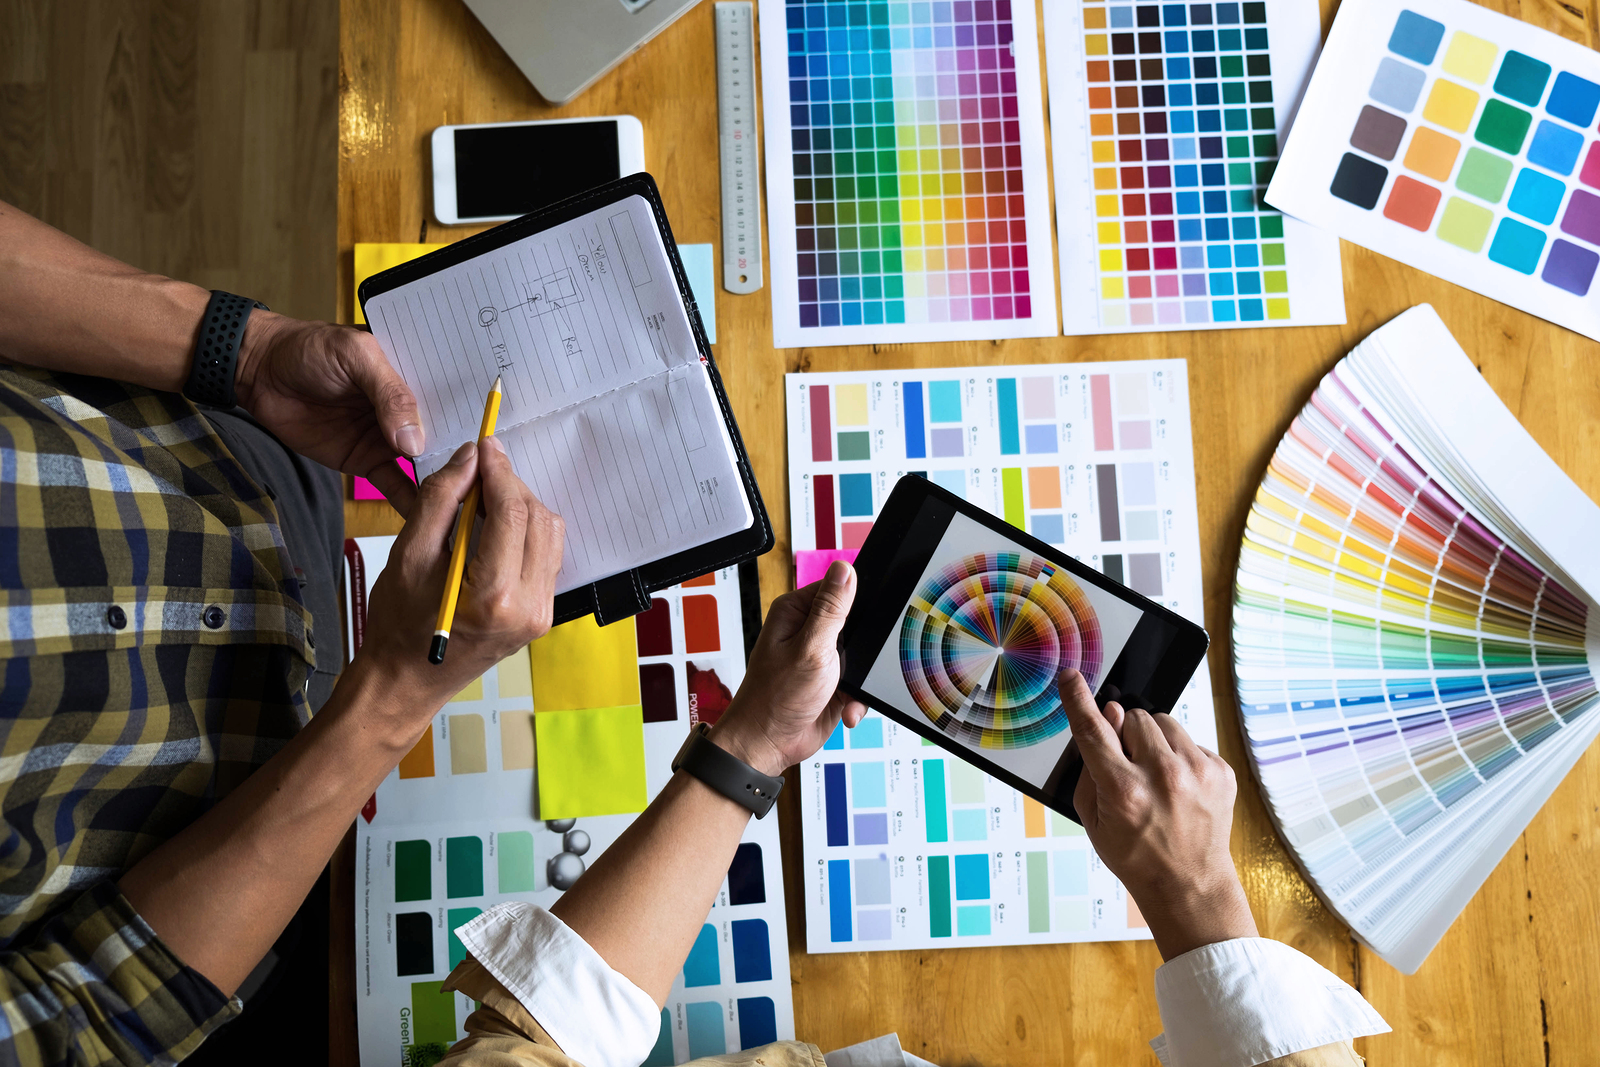 bigstock-Graphic-Designers-Use-The-Tabl-250851259